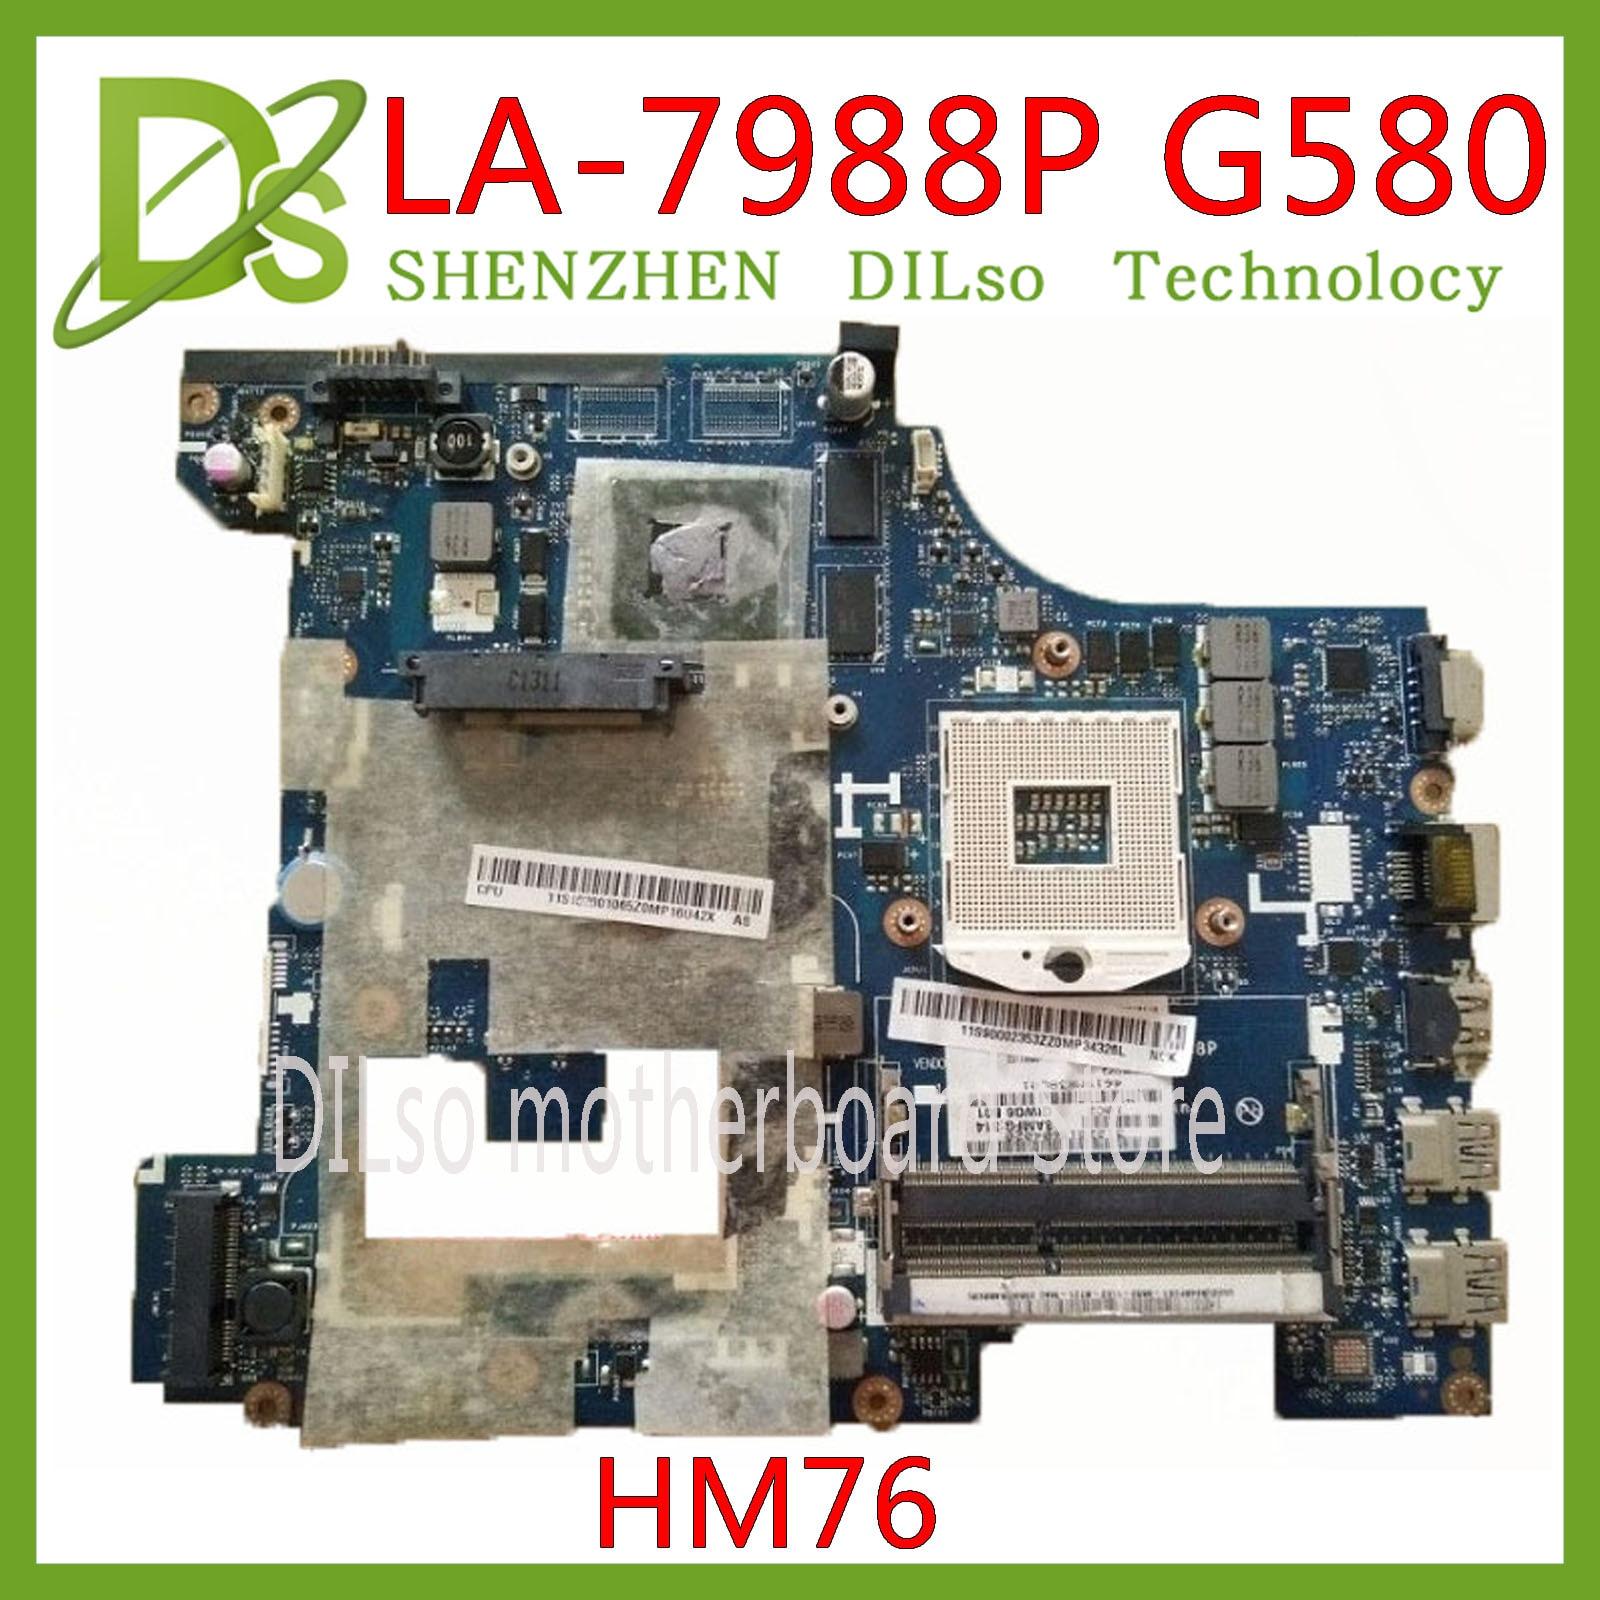 KEFU LA-7988P G580 Motherboard For Lenovo G580 LA-7988P REV:1.0 Laptop Motherboard HM76 Test Mainboard